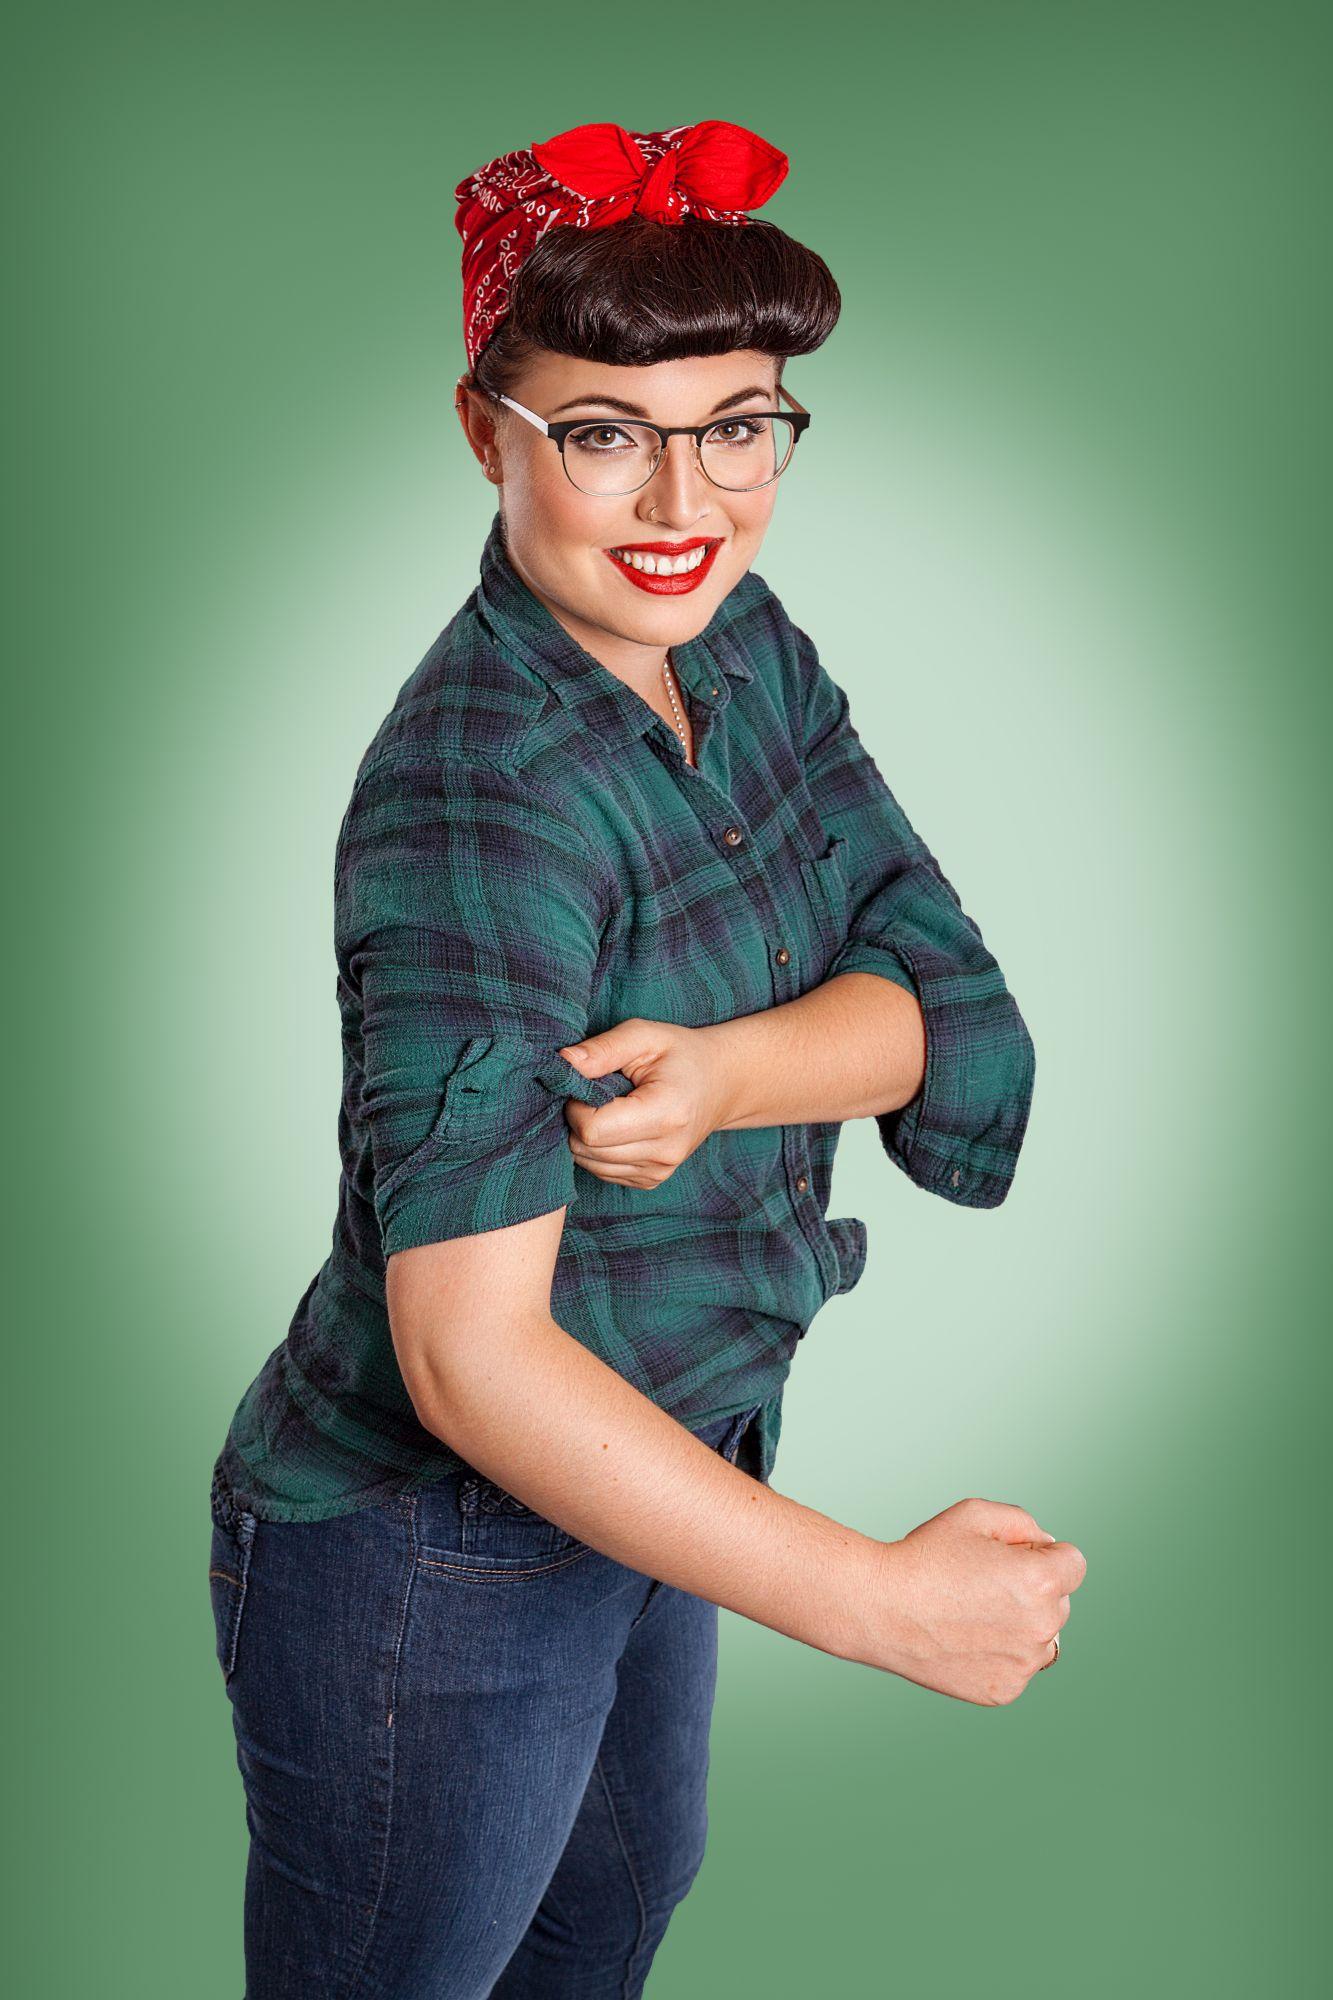 Saskia Staab - AugenoptikerinDie Jüngste in unserem Team - aber auch nur auf dem Papier. Saskia ist eine richtige Powerfrau, die uns täglich mit ihrer guten Laune und ihrem Enthusiasmus ansteckt.